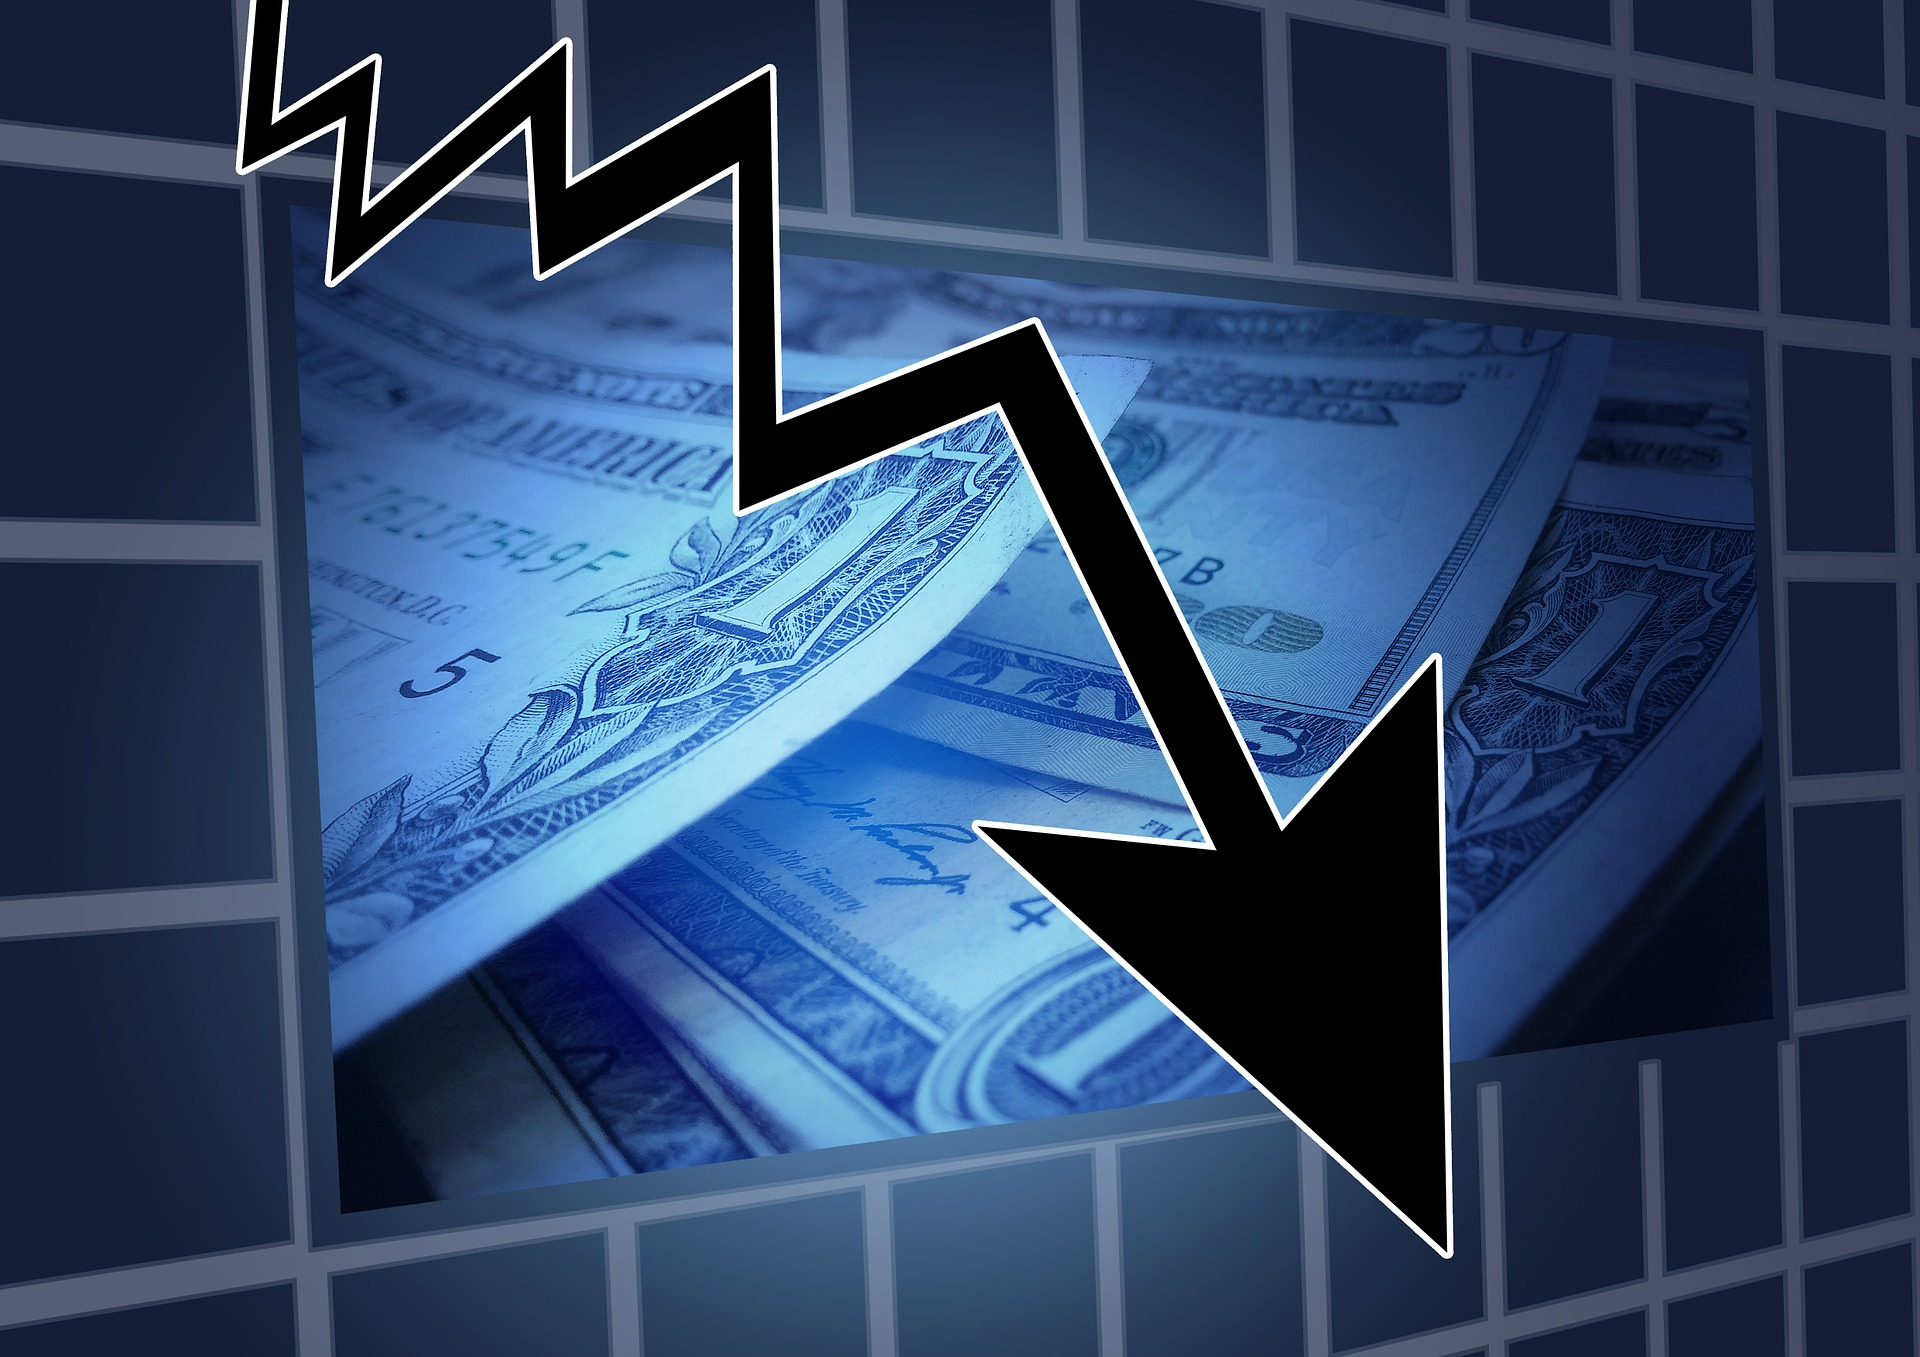 Ще успеят ли централните банки да предотвратят нова финансова криза?